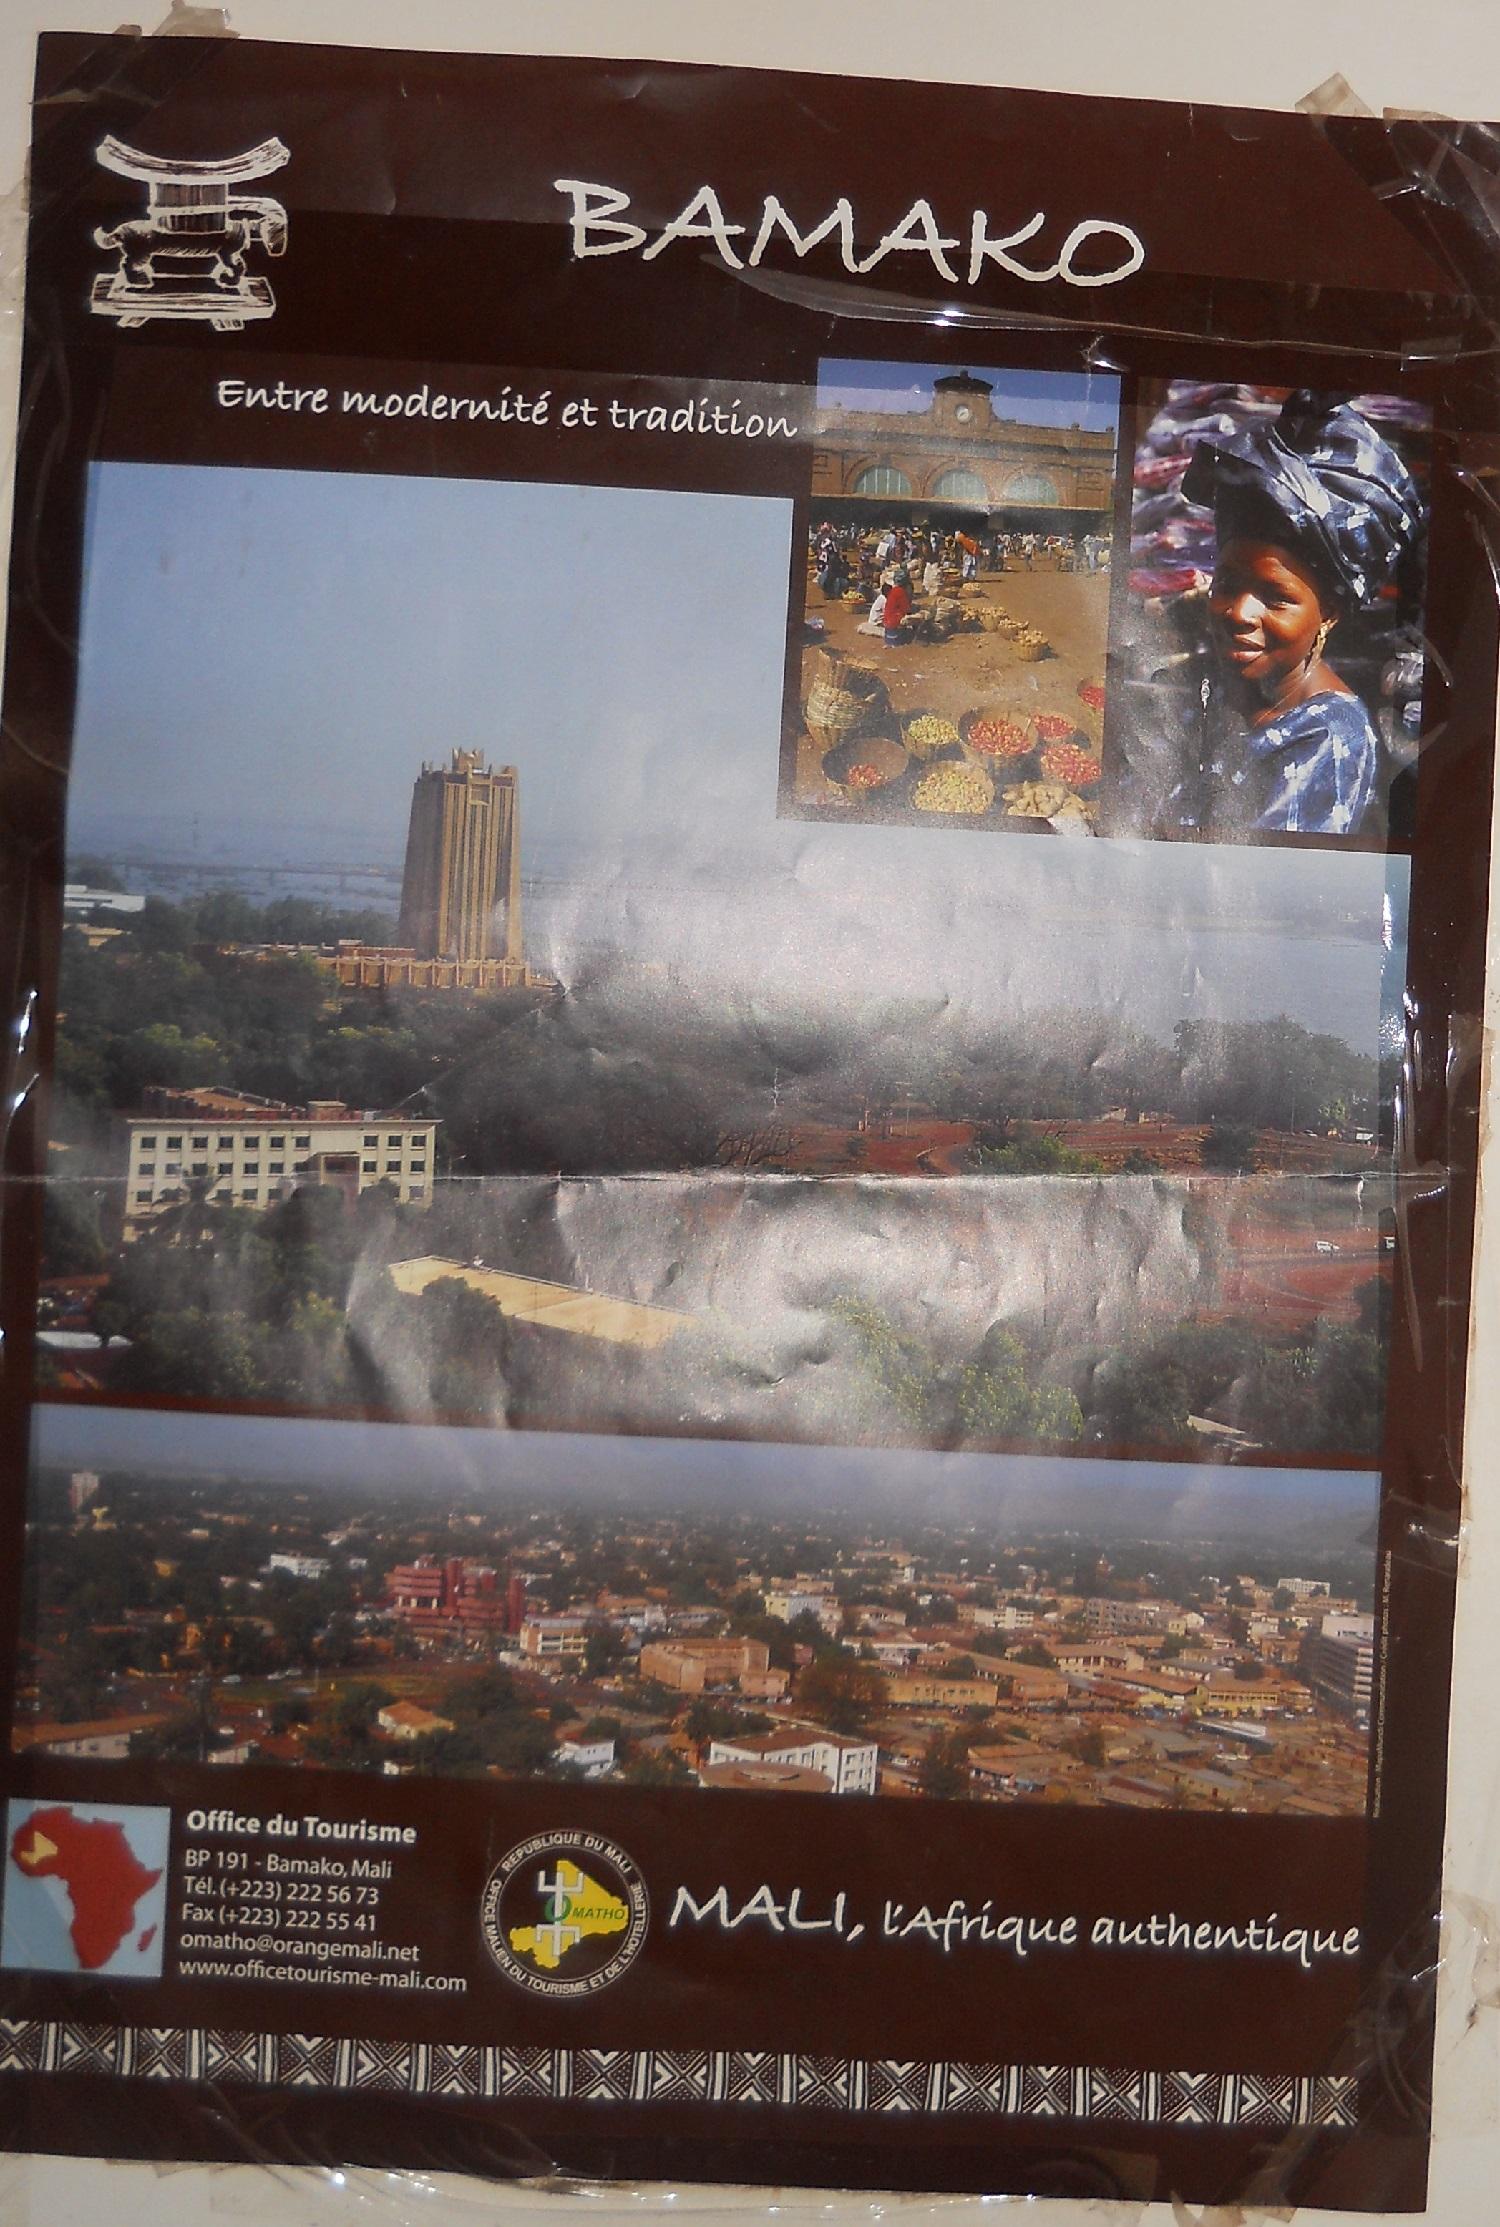 omatho-photo-de-loffice-du-tourisme